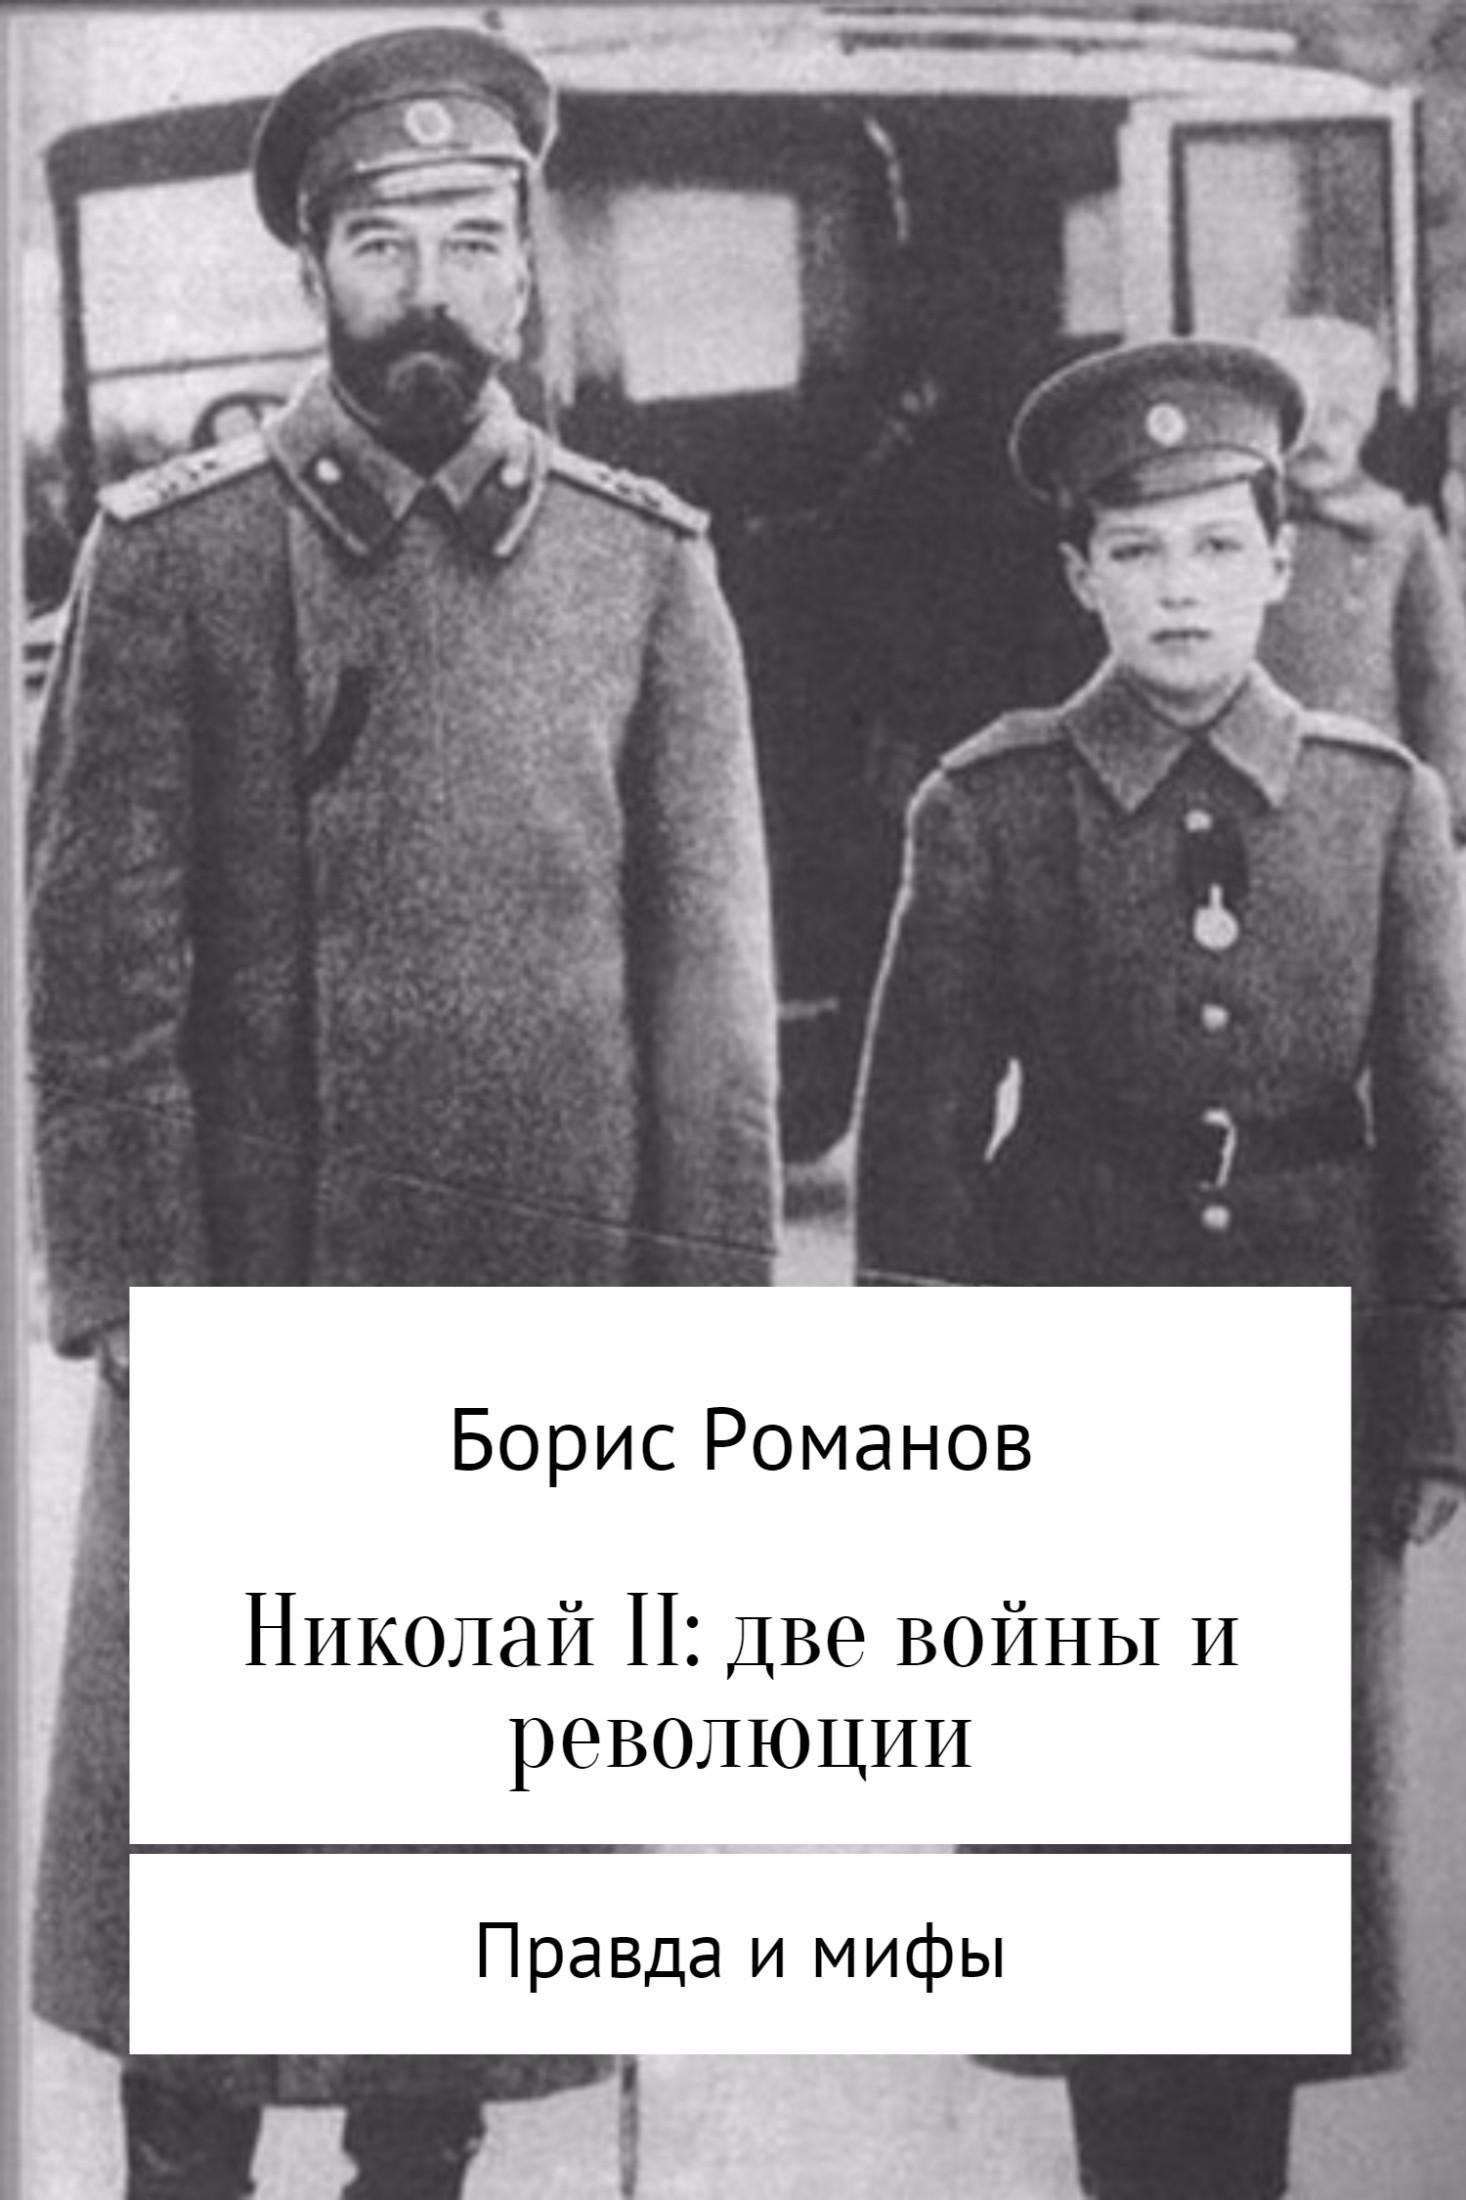 Борис Романов Николай II: две войны и революции шахмагонов николай фёдорович екатерина ii в любви и супружестве